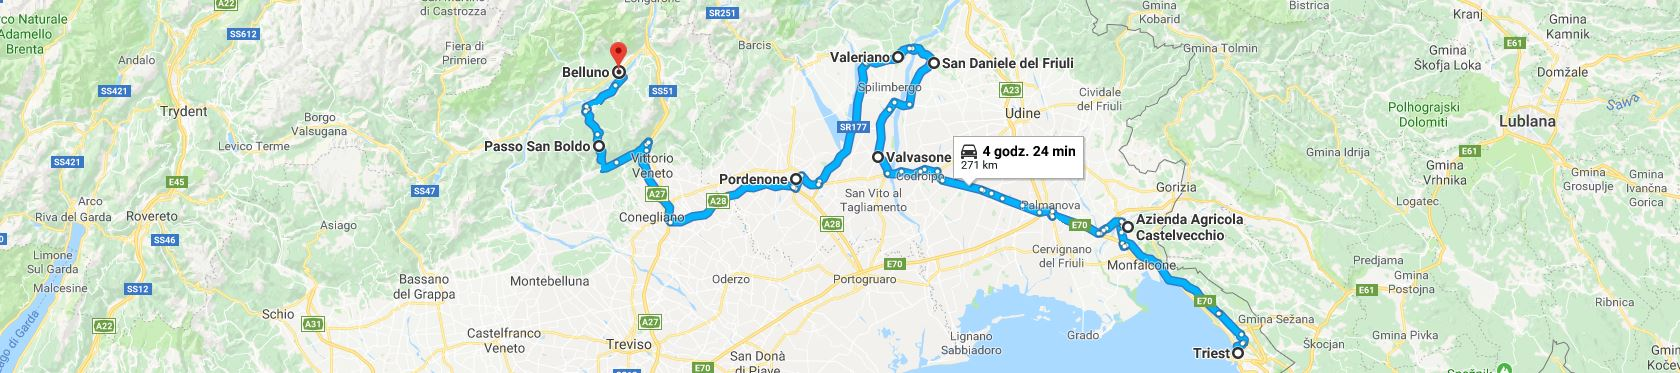 Trasa z Triestu przez winnice, Valvasone, San Daniele, Passo San Boldo do Belluno